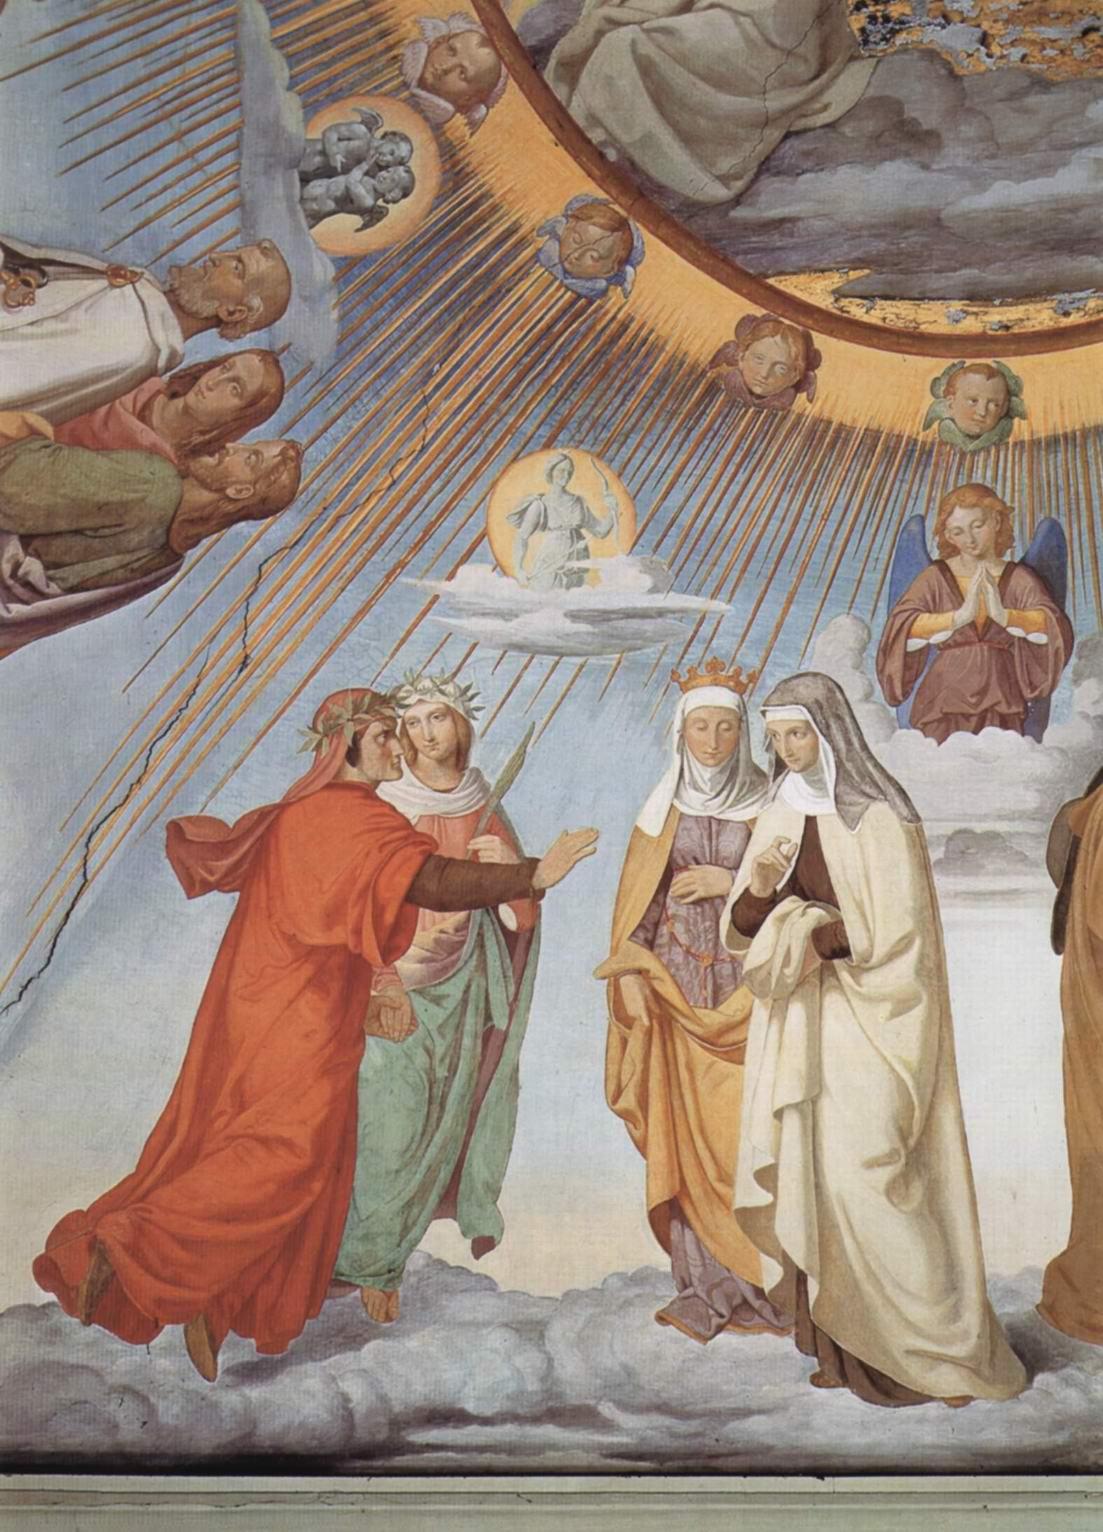 Цикл фресок в Казино Массимо (Рим), Дантевский зал. Эмпирей и восемь небес Рая. Фрагмент. Небо луны. Данте и Беатриче перед Констанцией и Пиккардой, Филипп Вайт